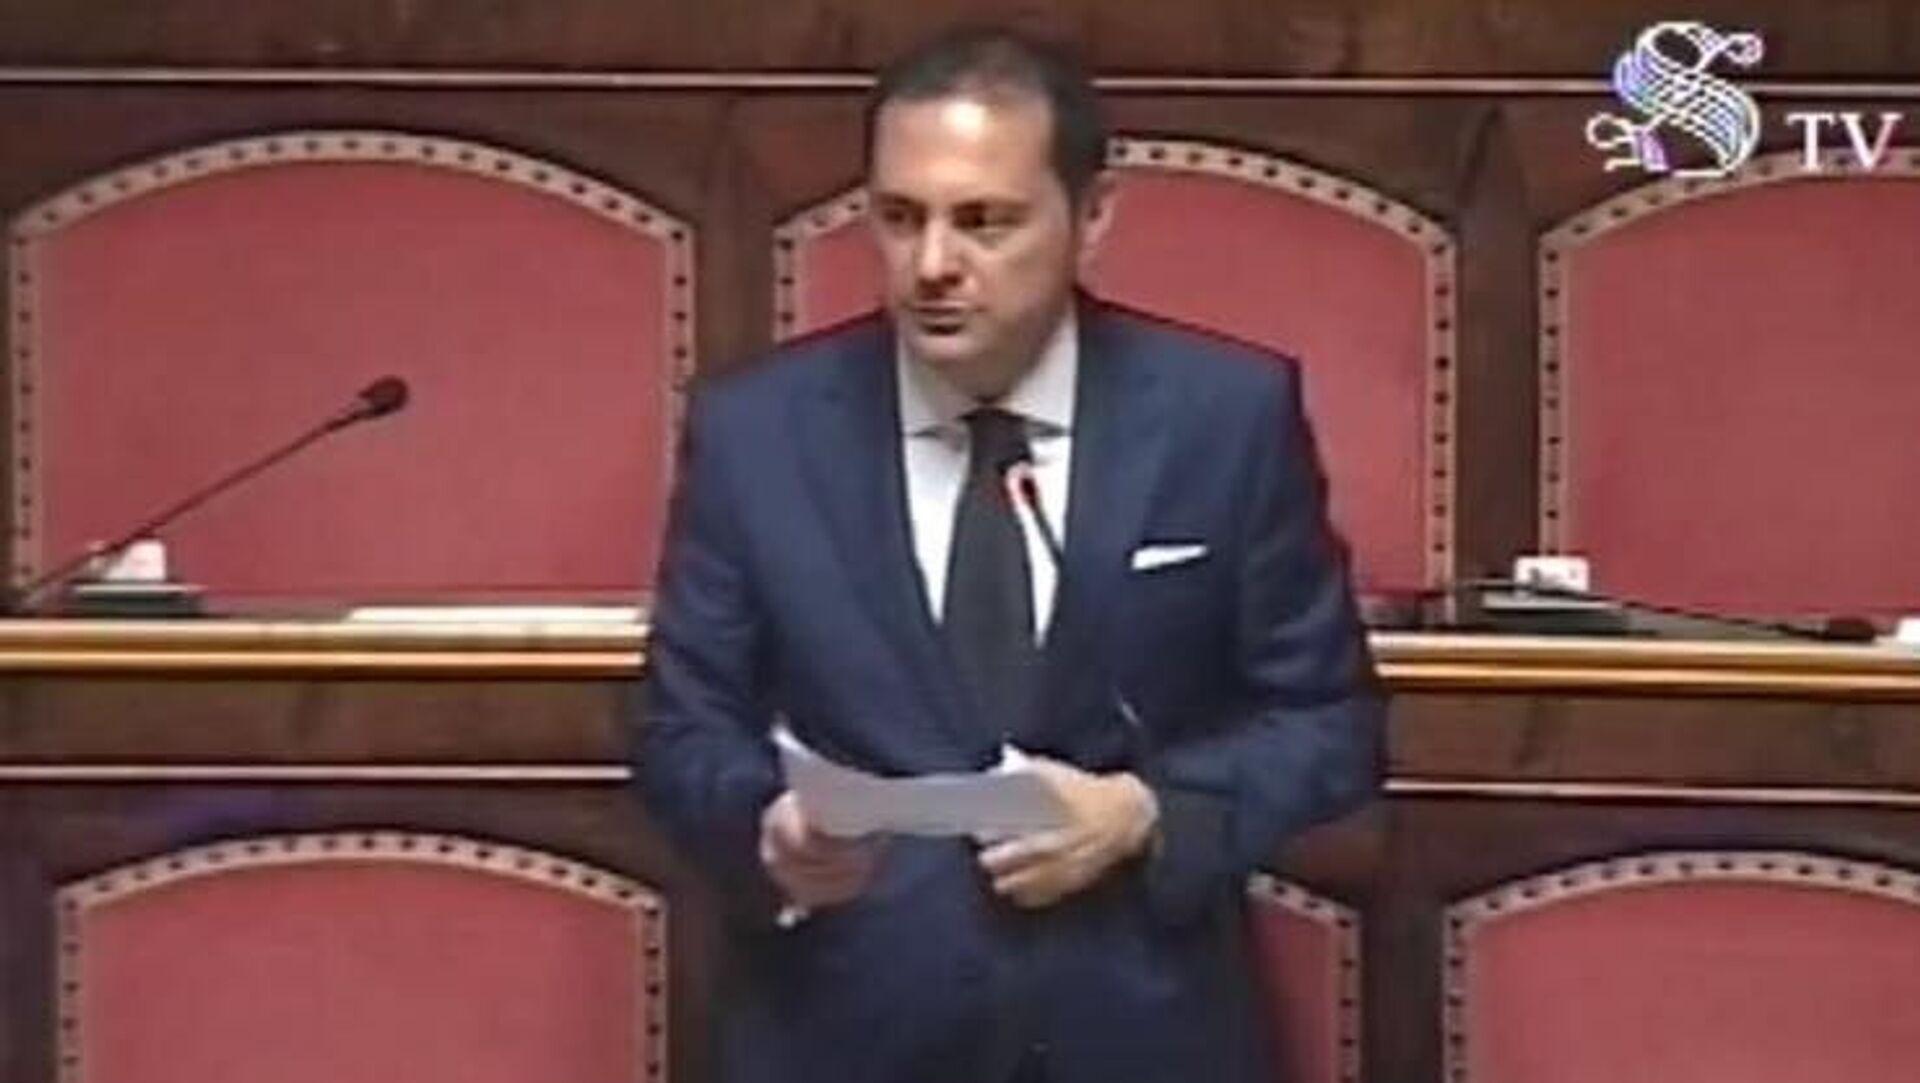 Marco Siclari, senatore della Repubblica Italiana - Sputnik Italia, 1920, 29.09.2021